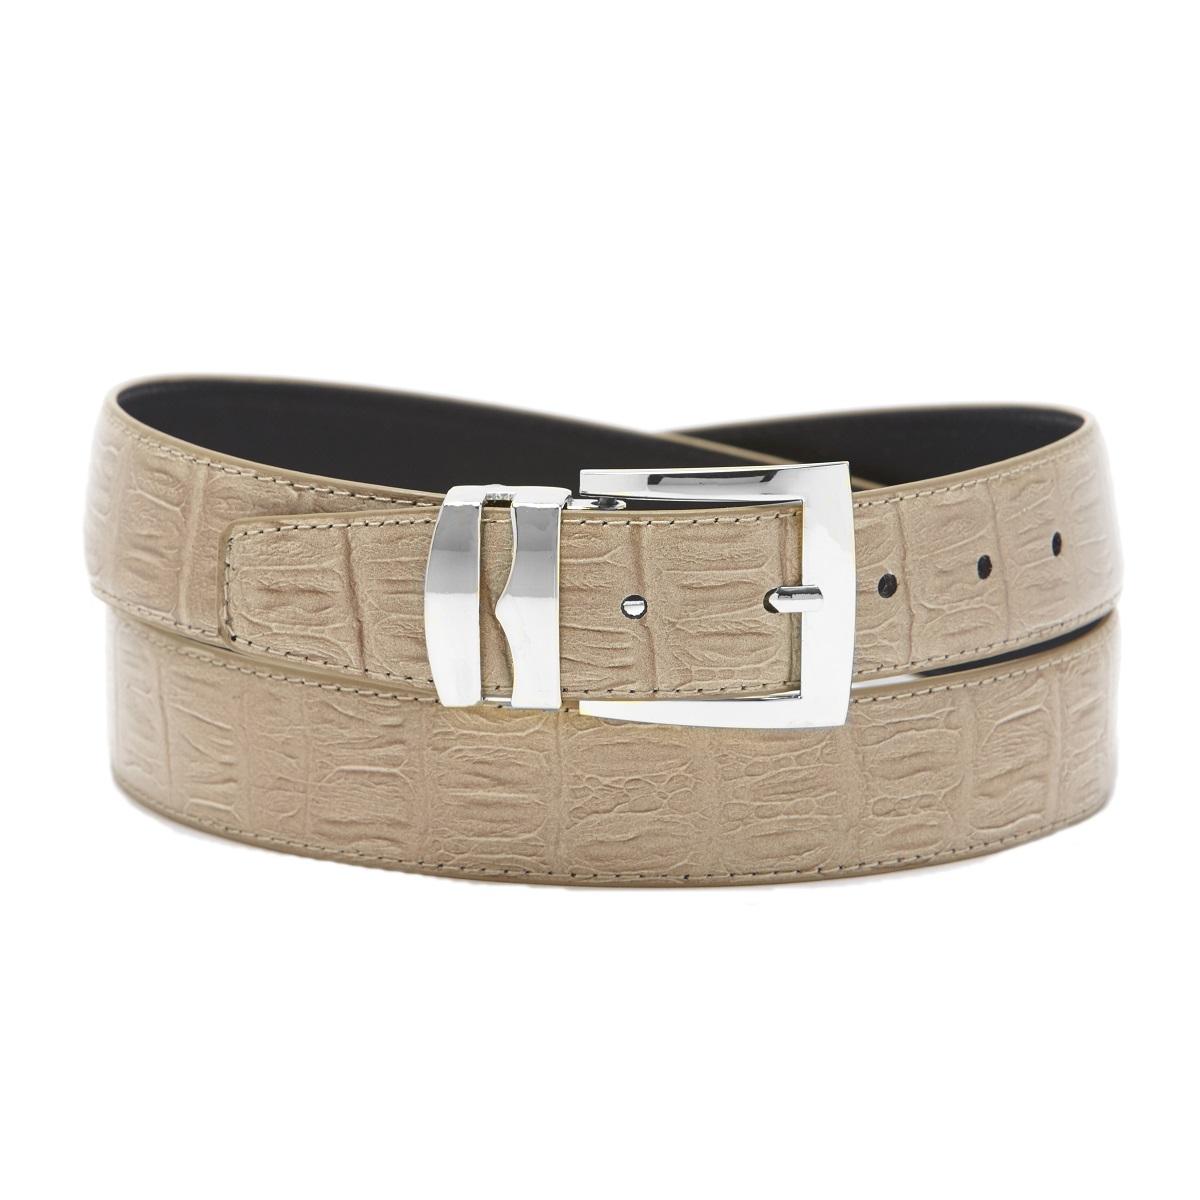 bonded leather belt hornback pattern solid colors silver